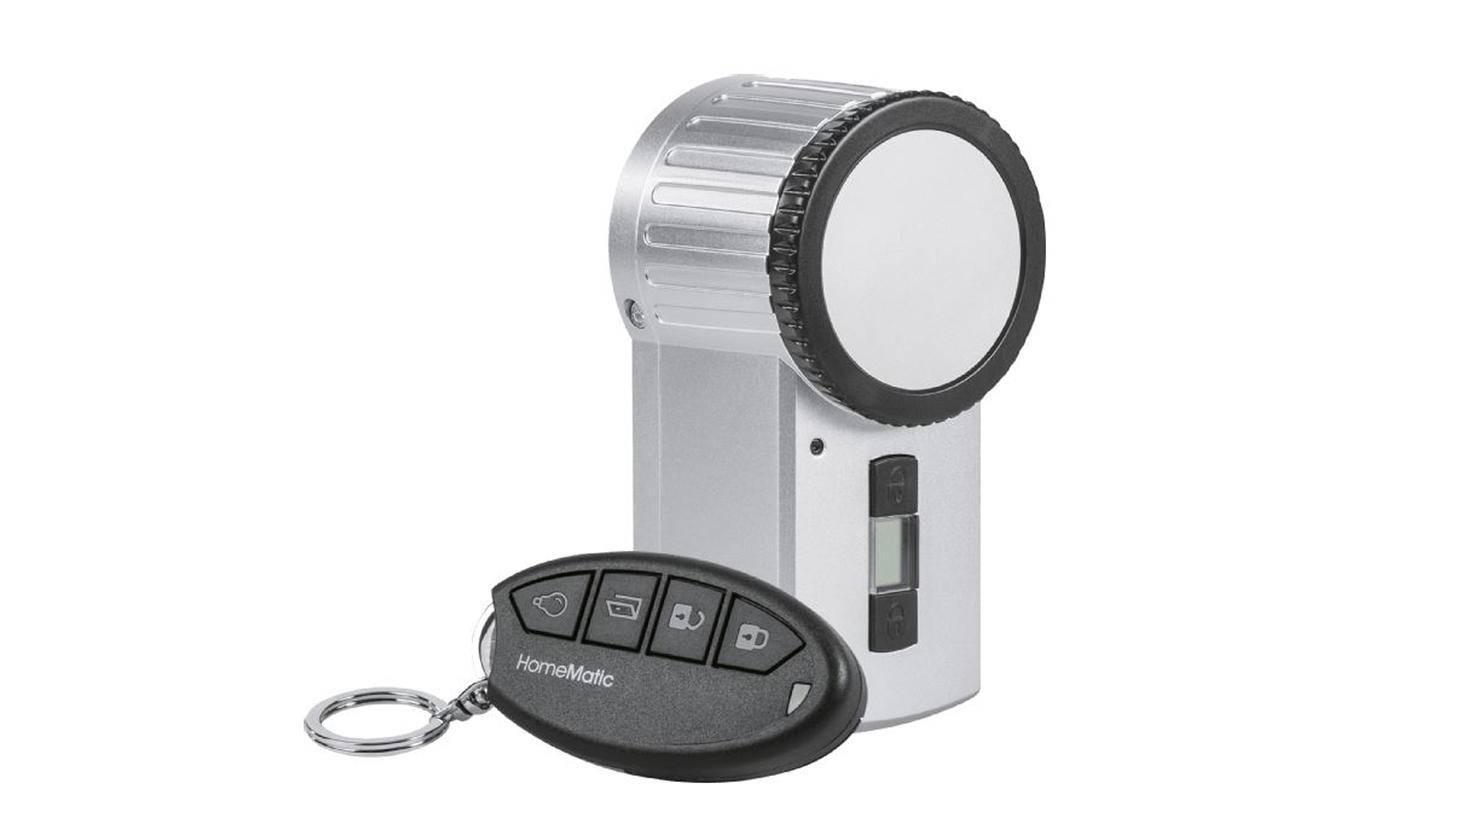 HomeMatic smartes Türschloss-Saturn-HomeMatic